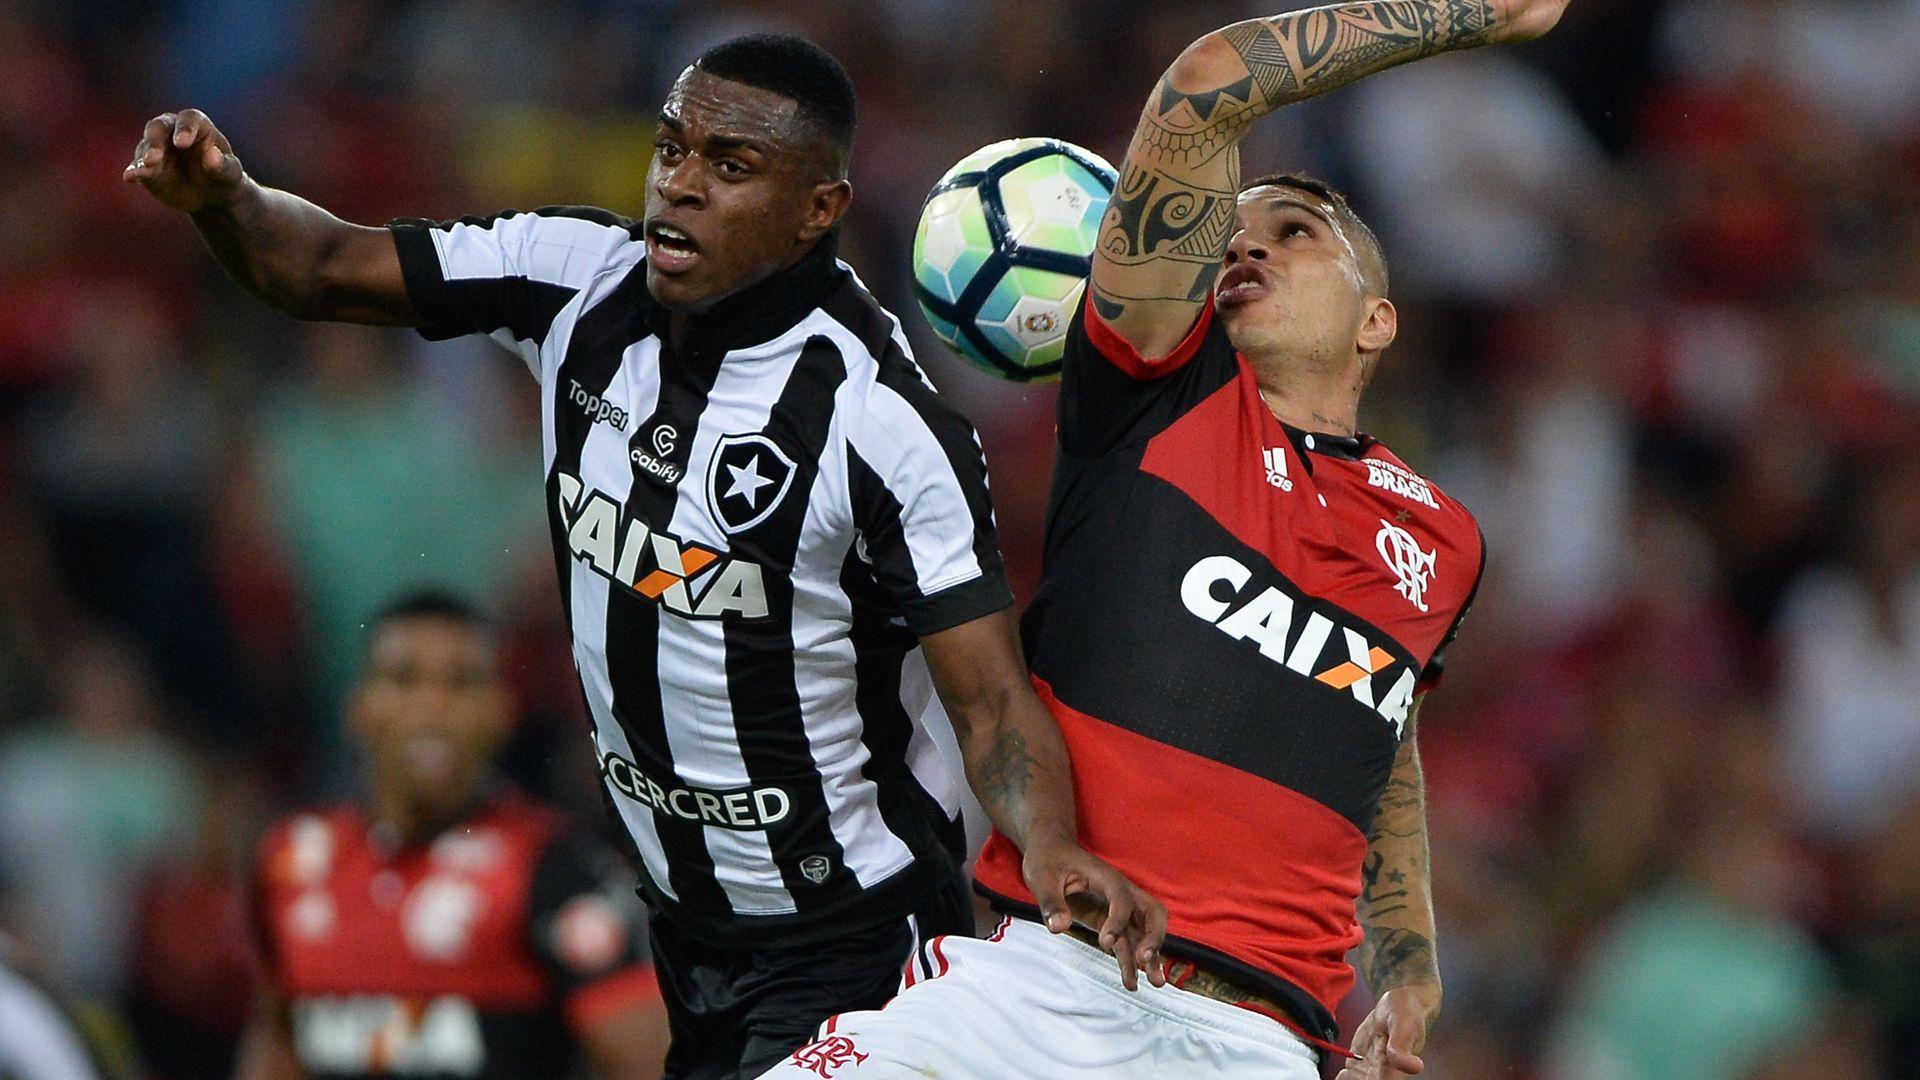 Veja os melhores momentos e os gols da partida — Botafogo x Flamengo